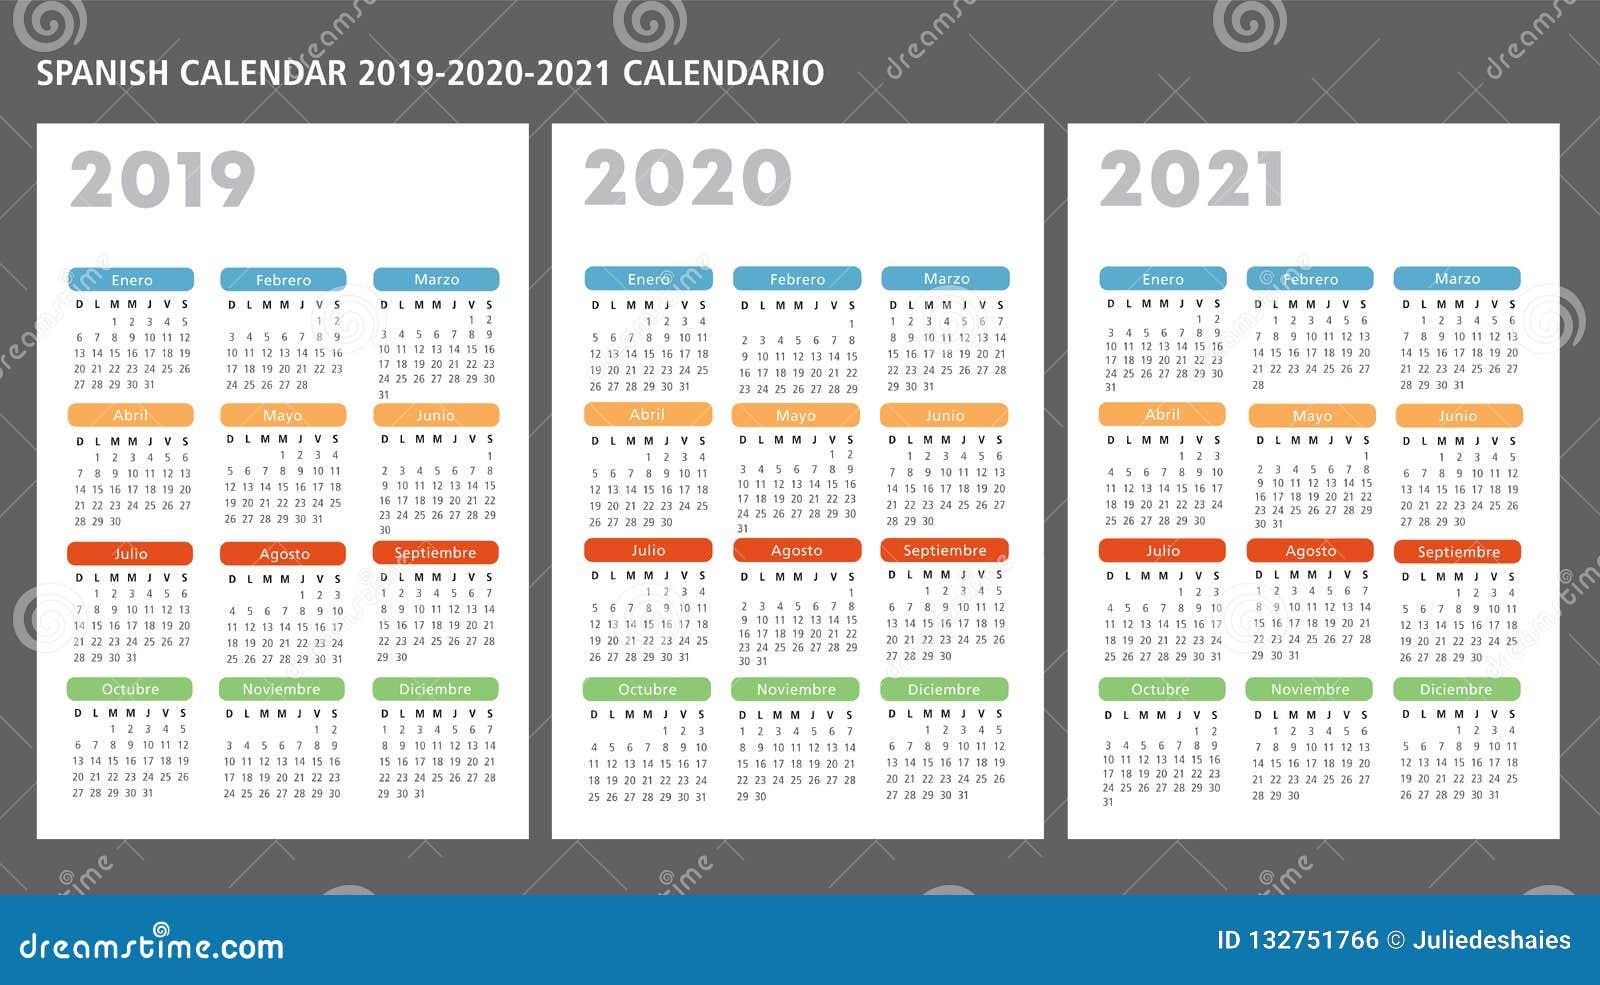 Calendario Dei Santi 2020.Calendario Di Ottobre 2020 Calendario 2020